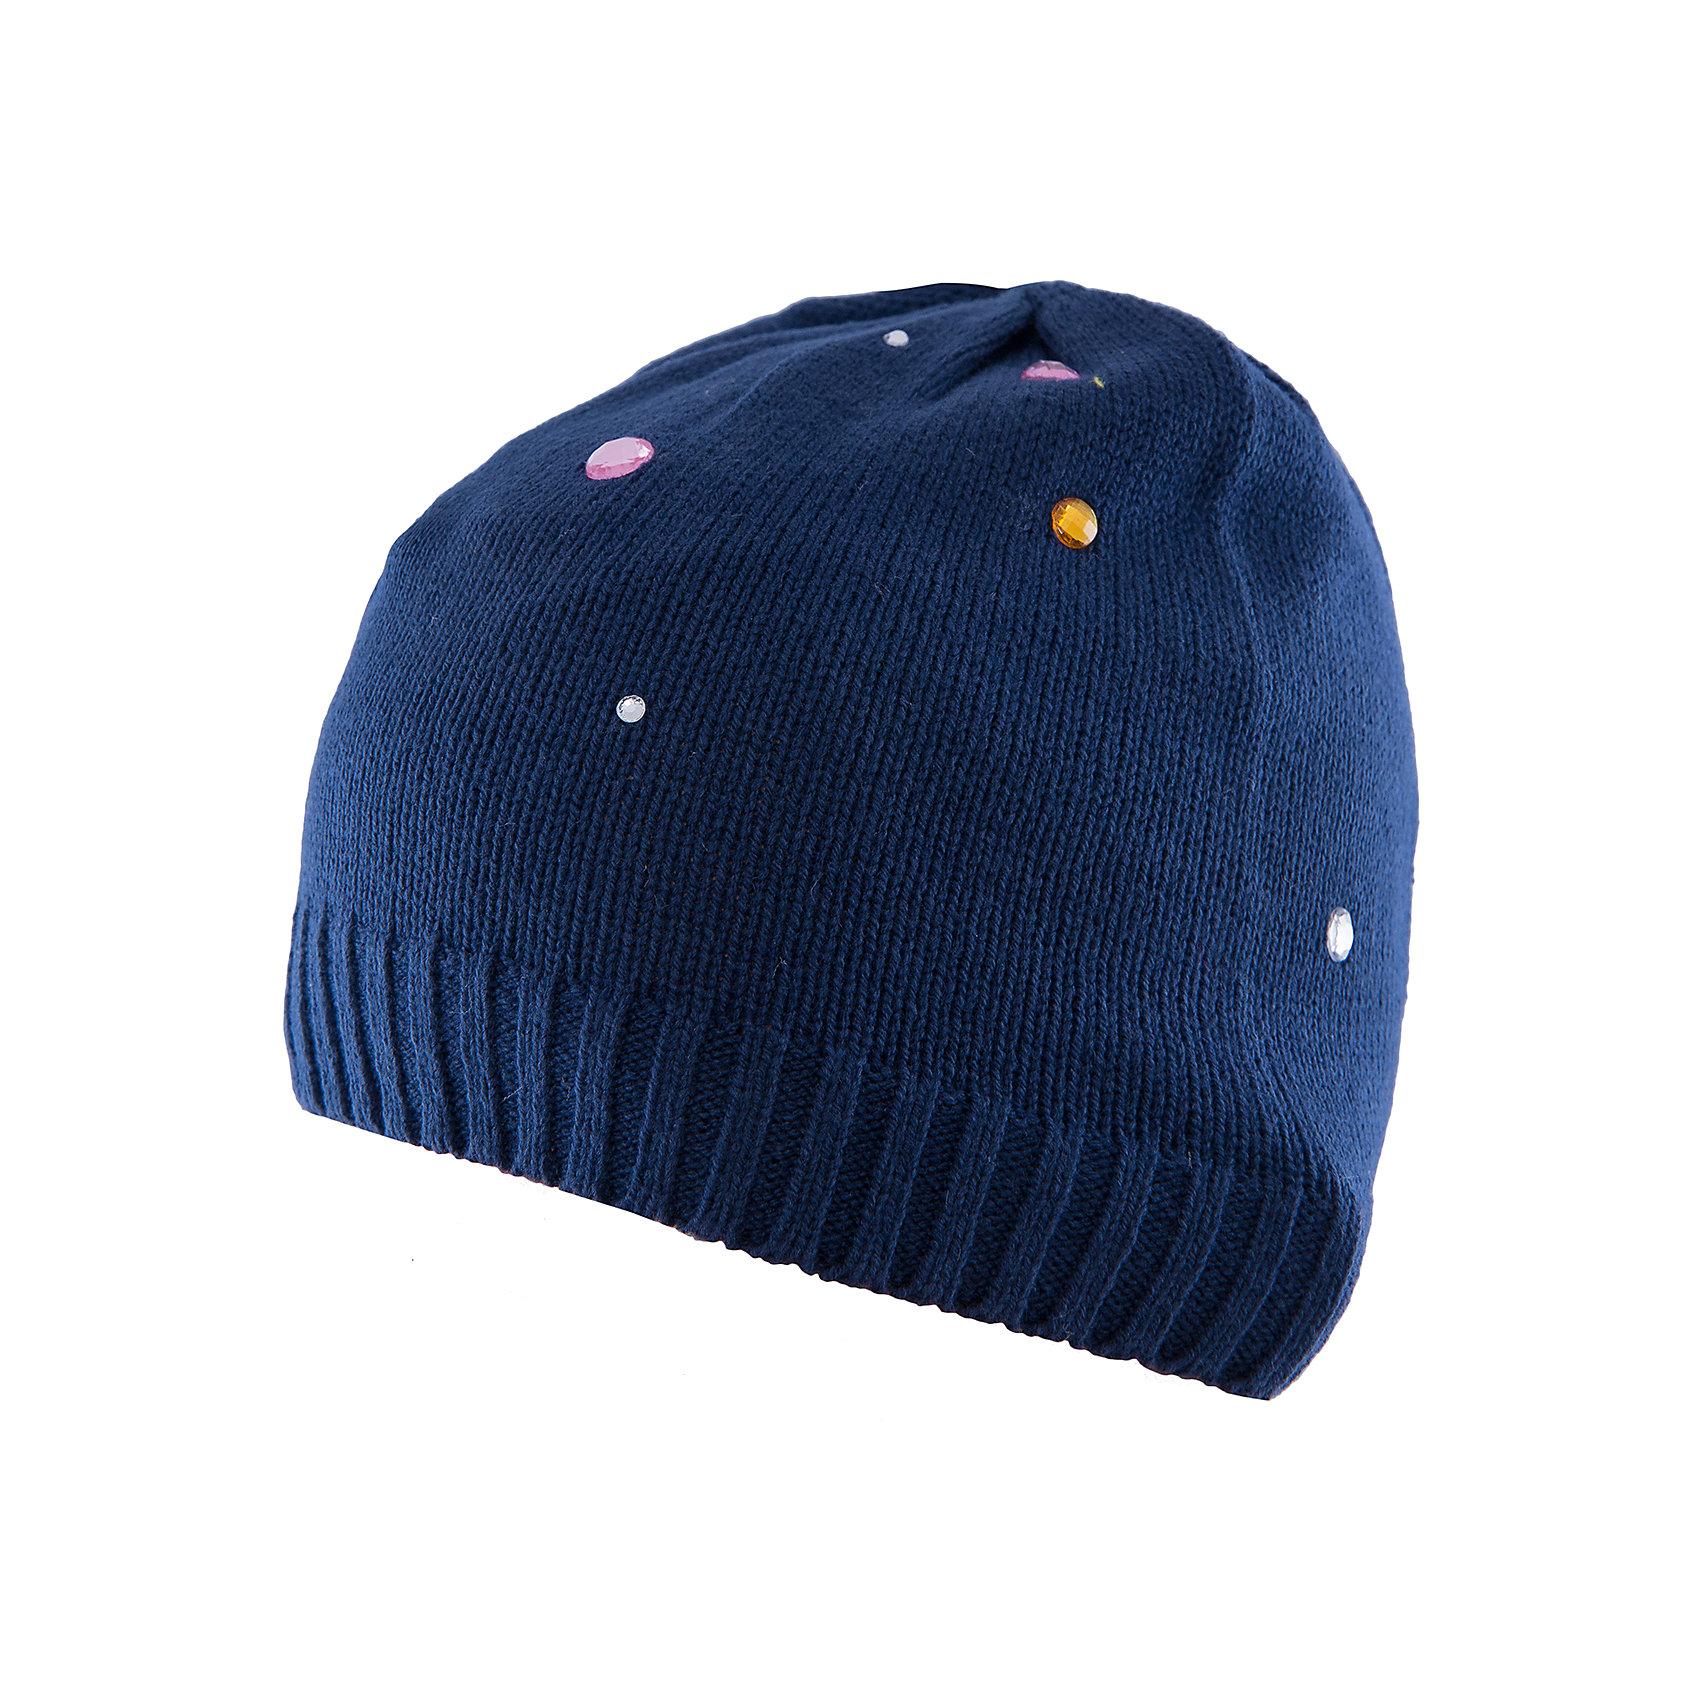 Шапка для девочки PlayTodayШапка для девочки от известного бренда PlayToday.<br>Уютная шапочка из вязаного трикотажа. Украшена россыпью сверкающих страз.<br>Состав:<br>60% хлопок, 40% акрил<br><br>Ширина мм: 157<br>Глубина мм: 13<br>Высота мм: 119<br>Вес г: 200<br>Цвет: синий<br>Возраст от месяцев: 18<br>Возраст до месяцев: 36<br>Пол: Женский<br>Возраст: Детский<br>Размер: 48,46<br>SKU: 4900664